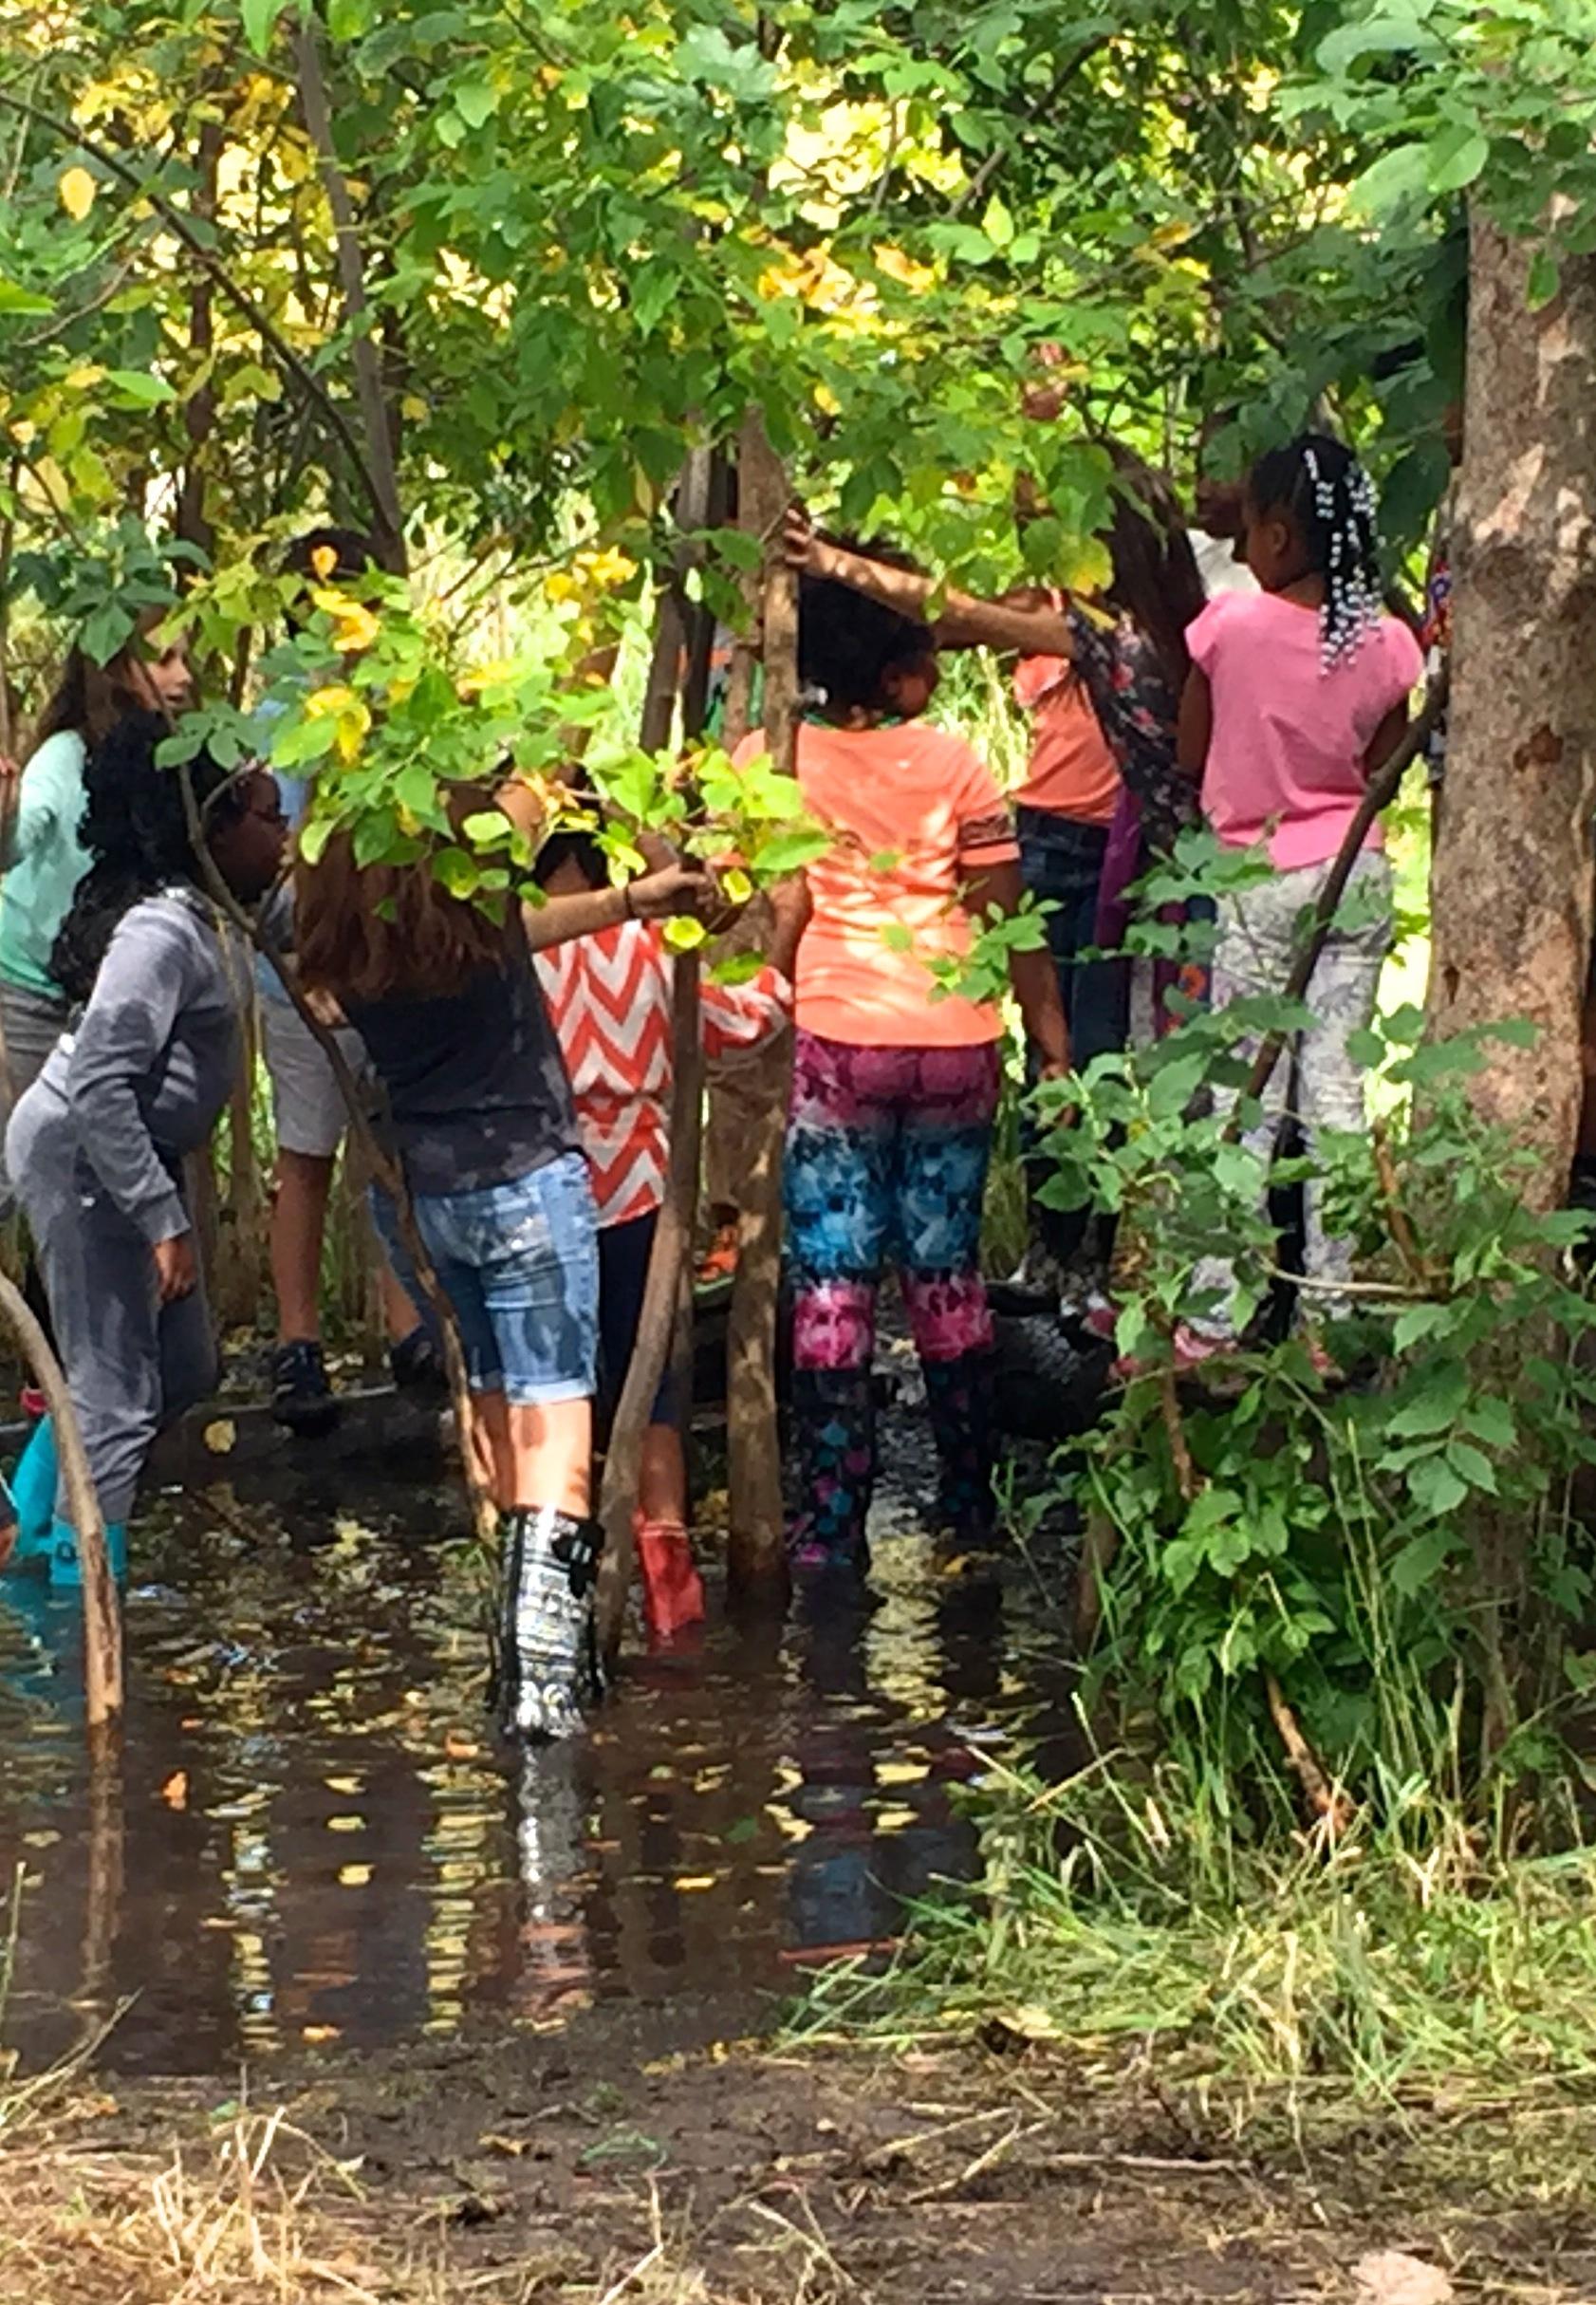 Children walking in pond